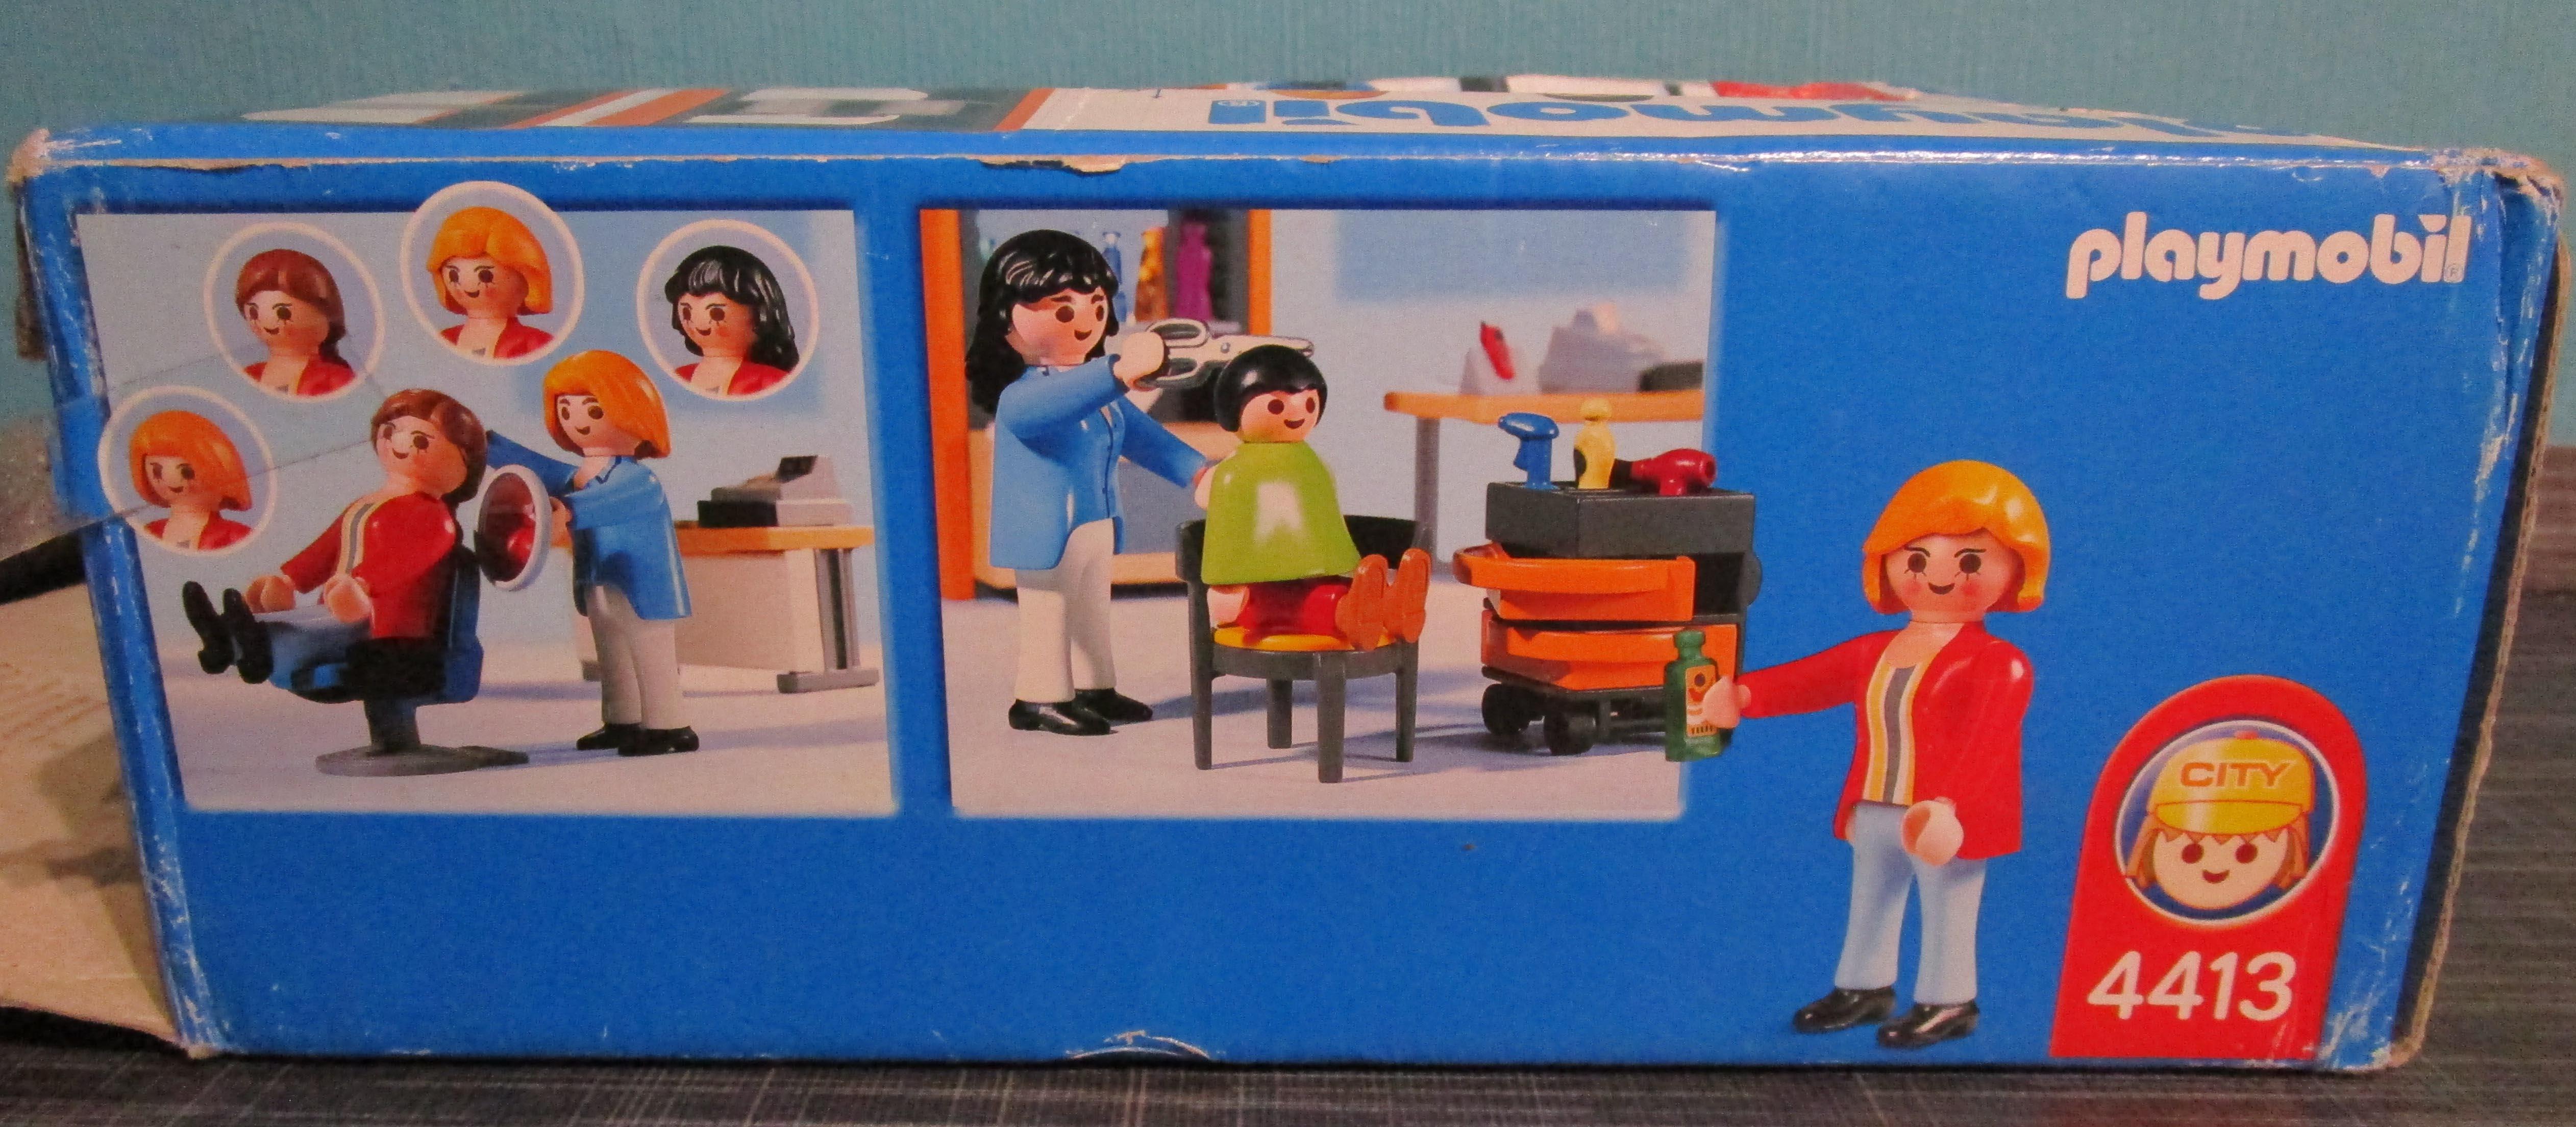 playmobil 4413 Friseur spielen Seite1 Playmobil Spielzeug im Vergleich: Friseursalon 4413 vs. Beauty Salon 5487   Rollenspiel Waschen, schneiden, fönen   bitte